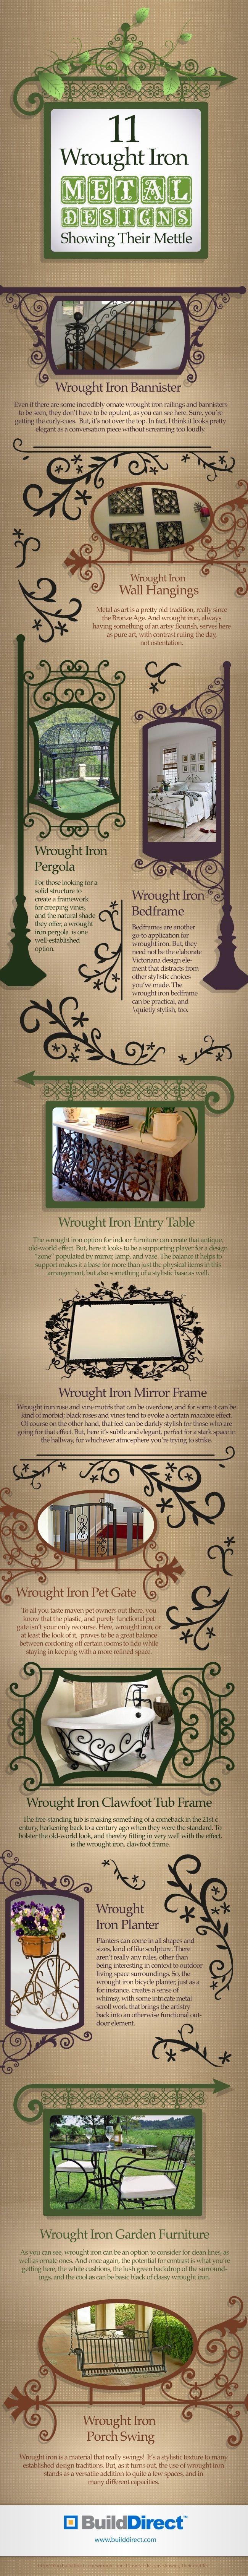 Wrought Iron2 Wrought Iron Design Made To Impress